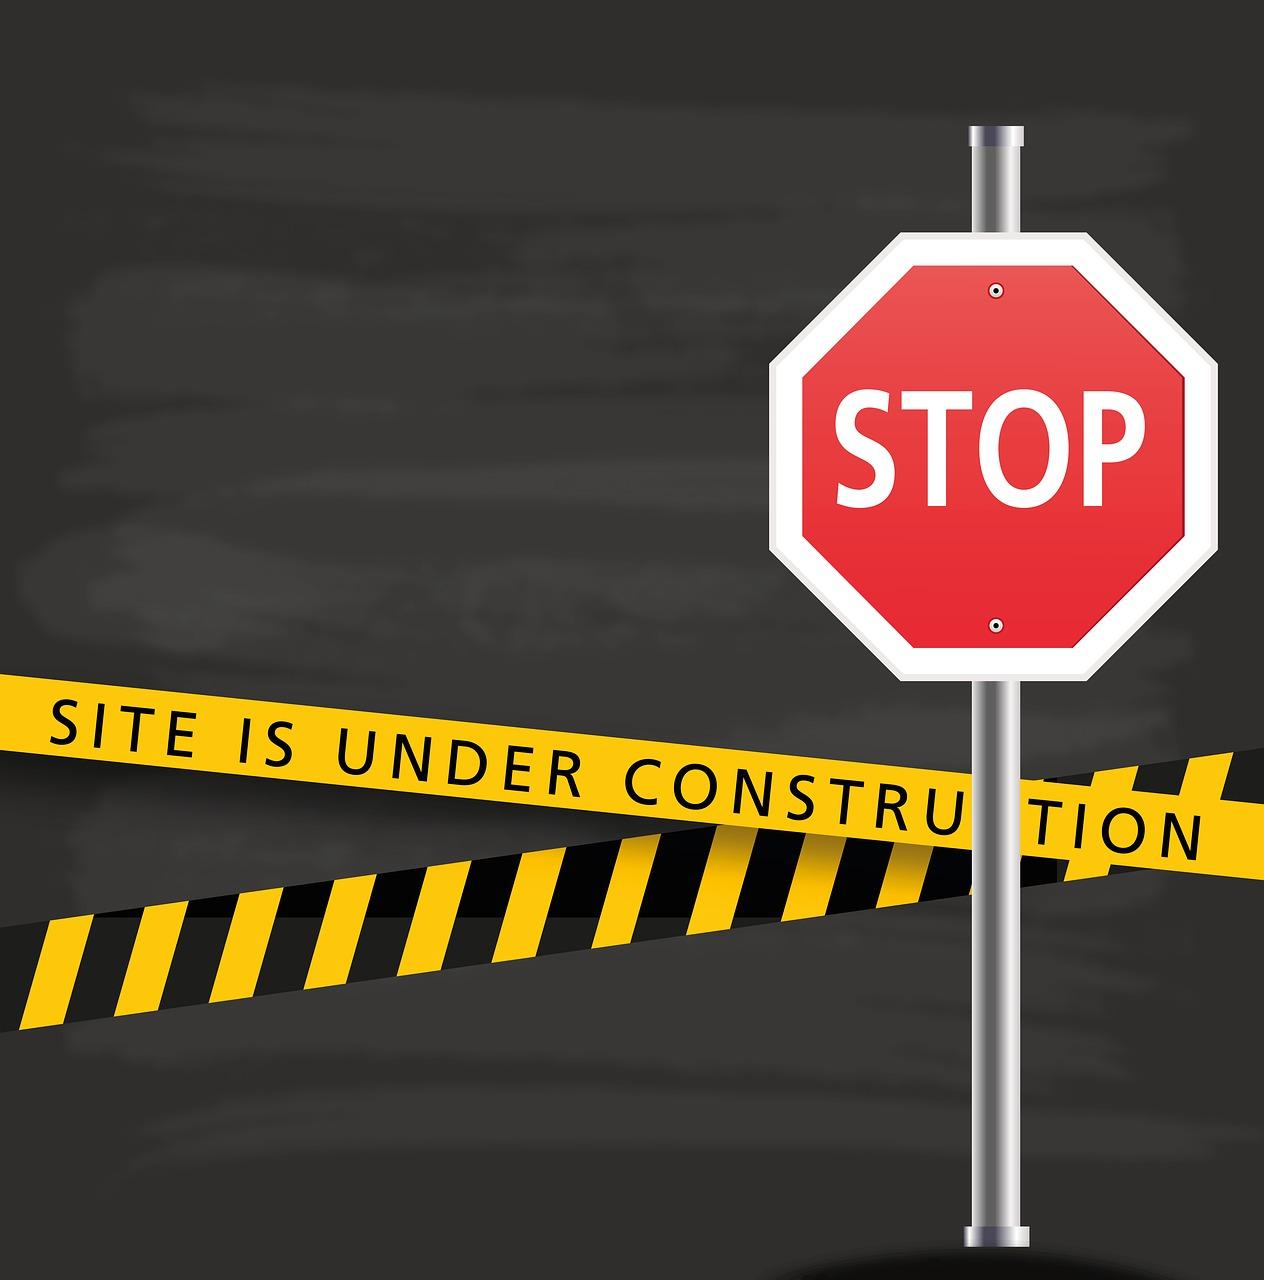 New Website! - Updates in Progress